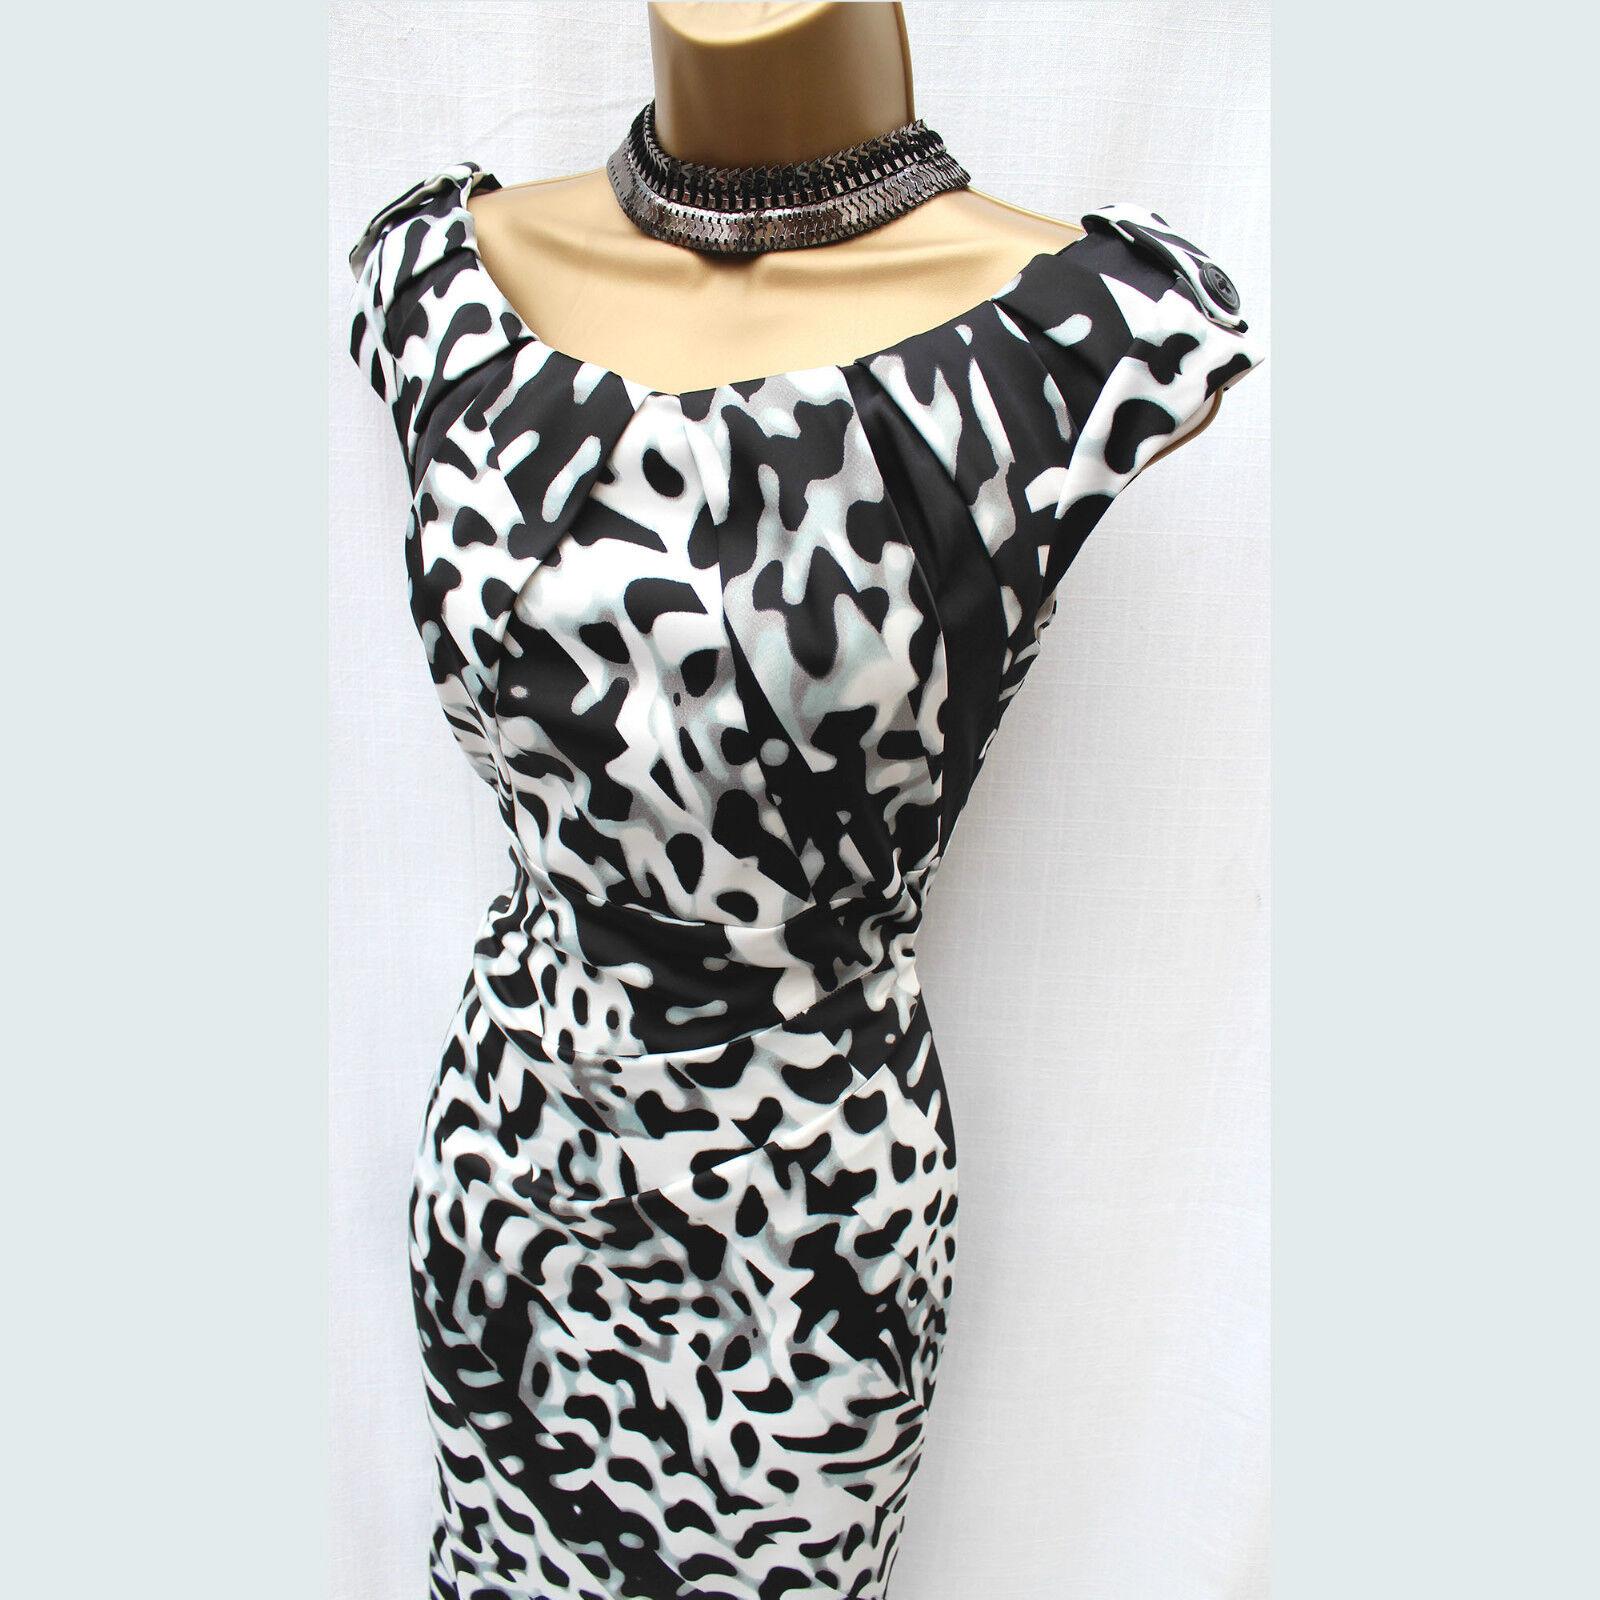 Größe 10 UK Exquisite KAREN MILLEN schwarz Weiß Animal Print Cocktail Pencil Dress